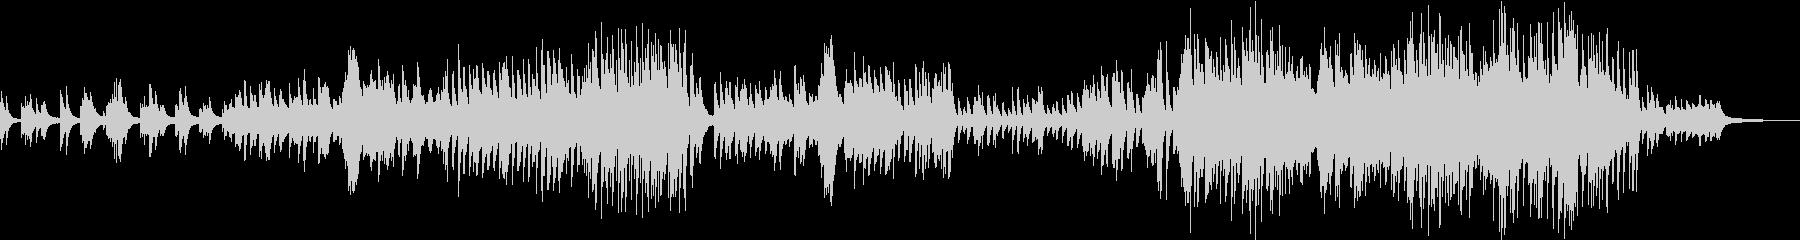 感動のシナリオをイメージしたピアノBGMの未再生の波形